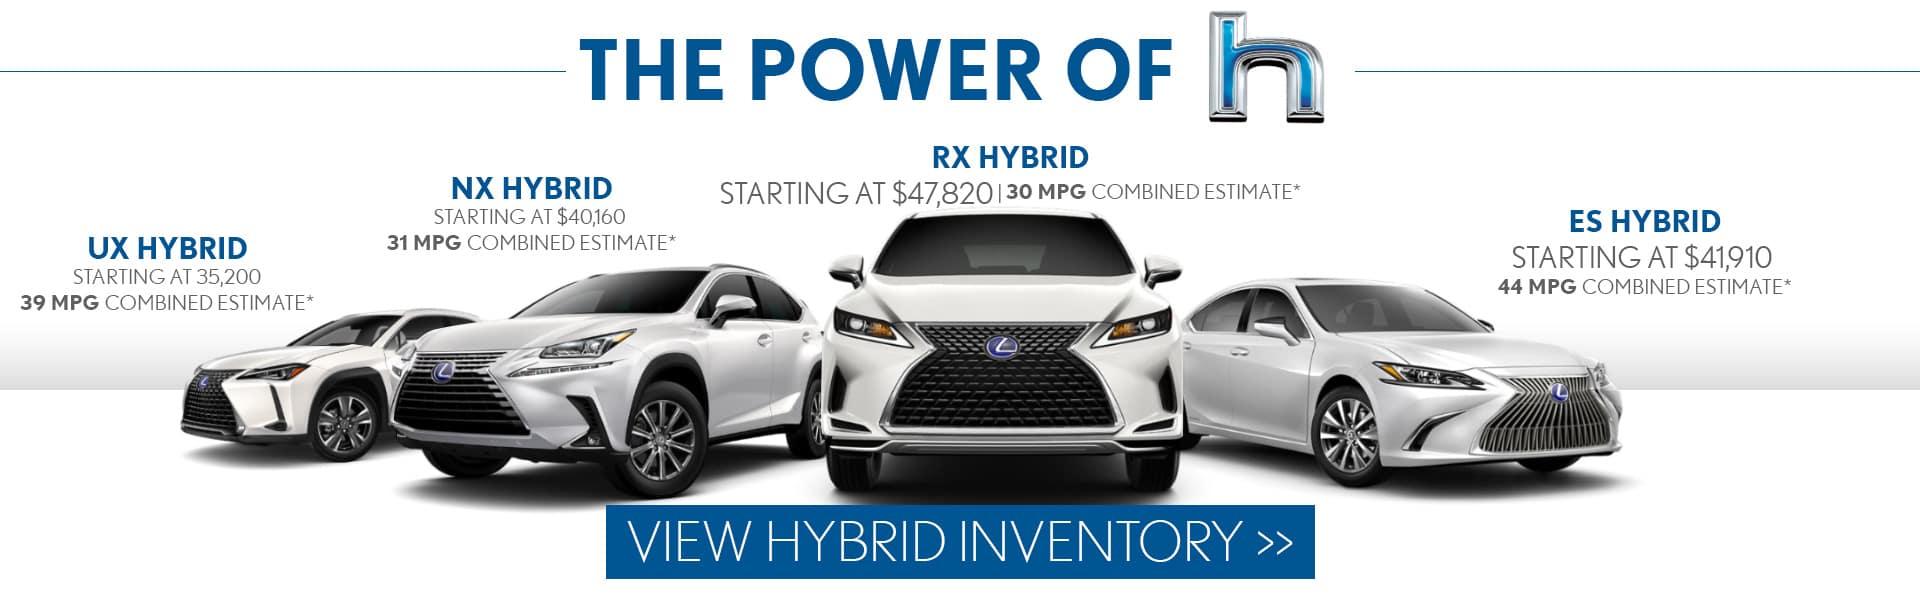 202104_hybrid1